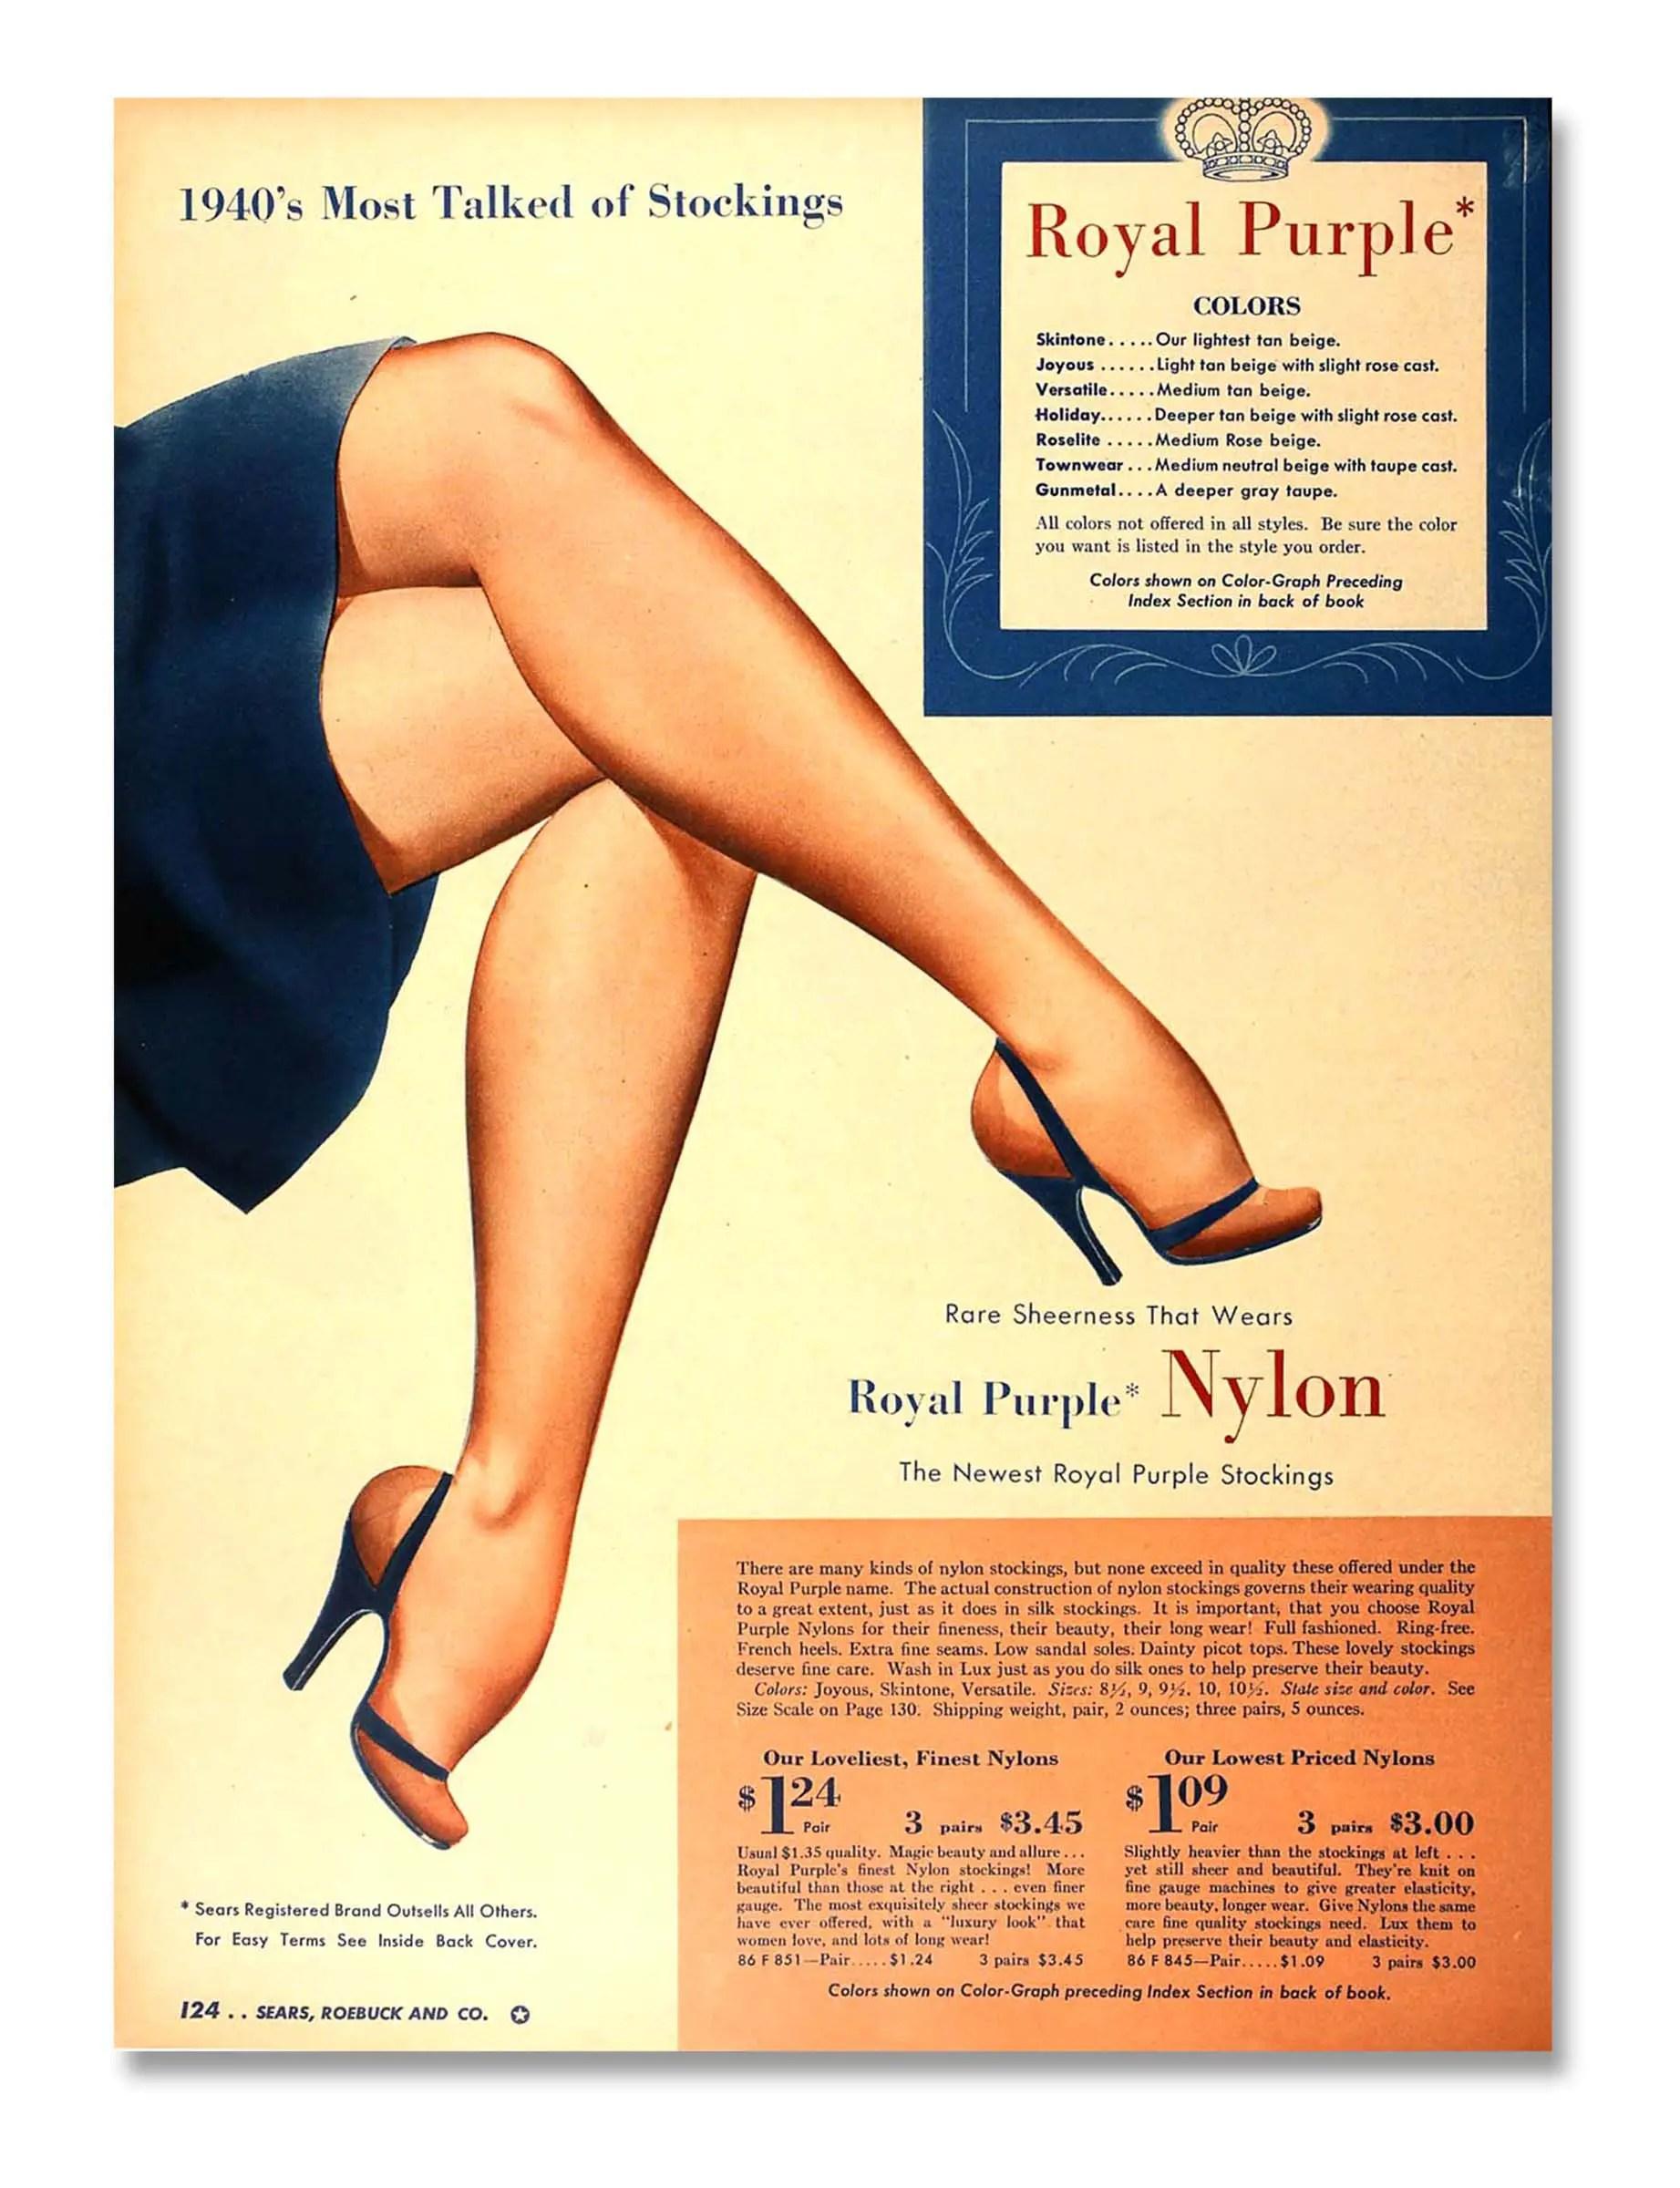 Nylon stockings in a Sears & Roebuck catalogue, 1940.